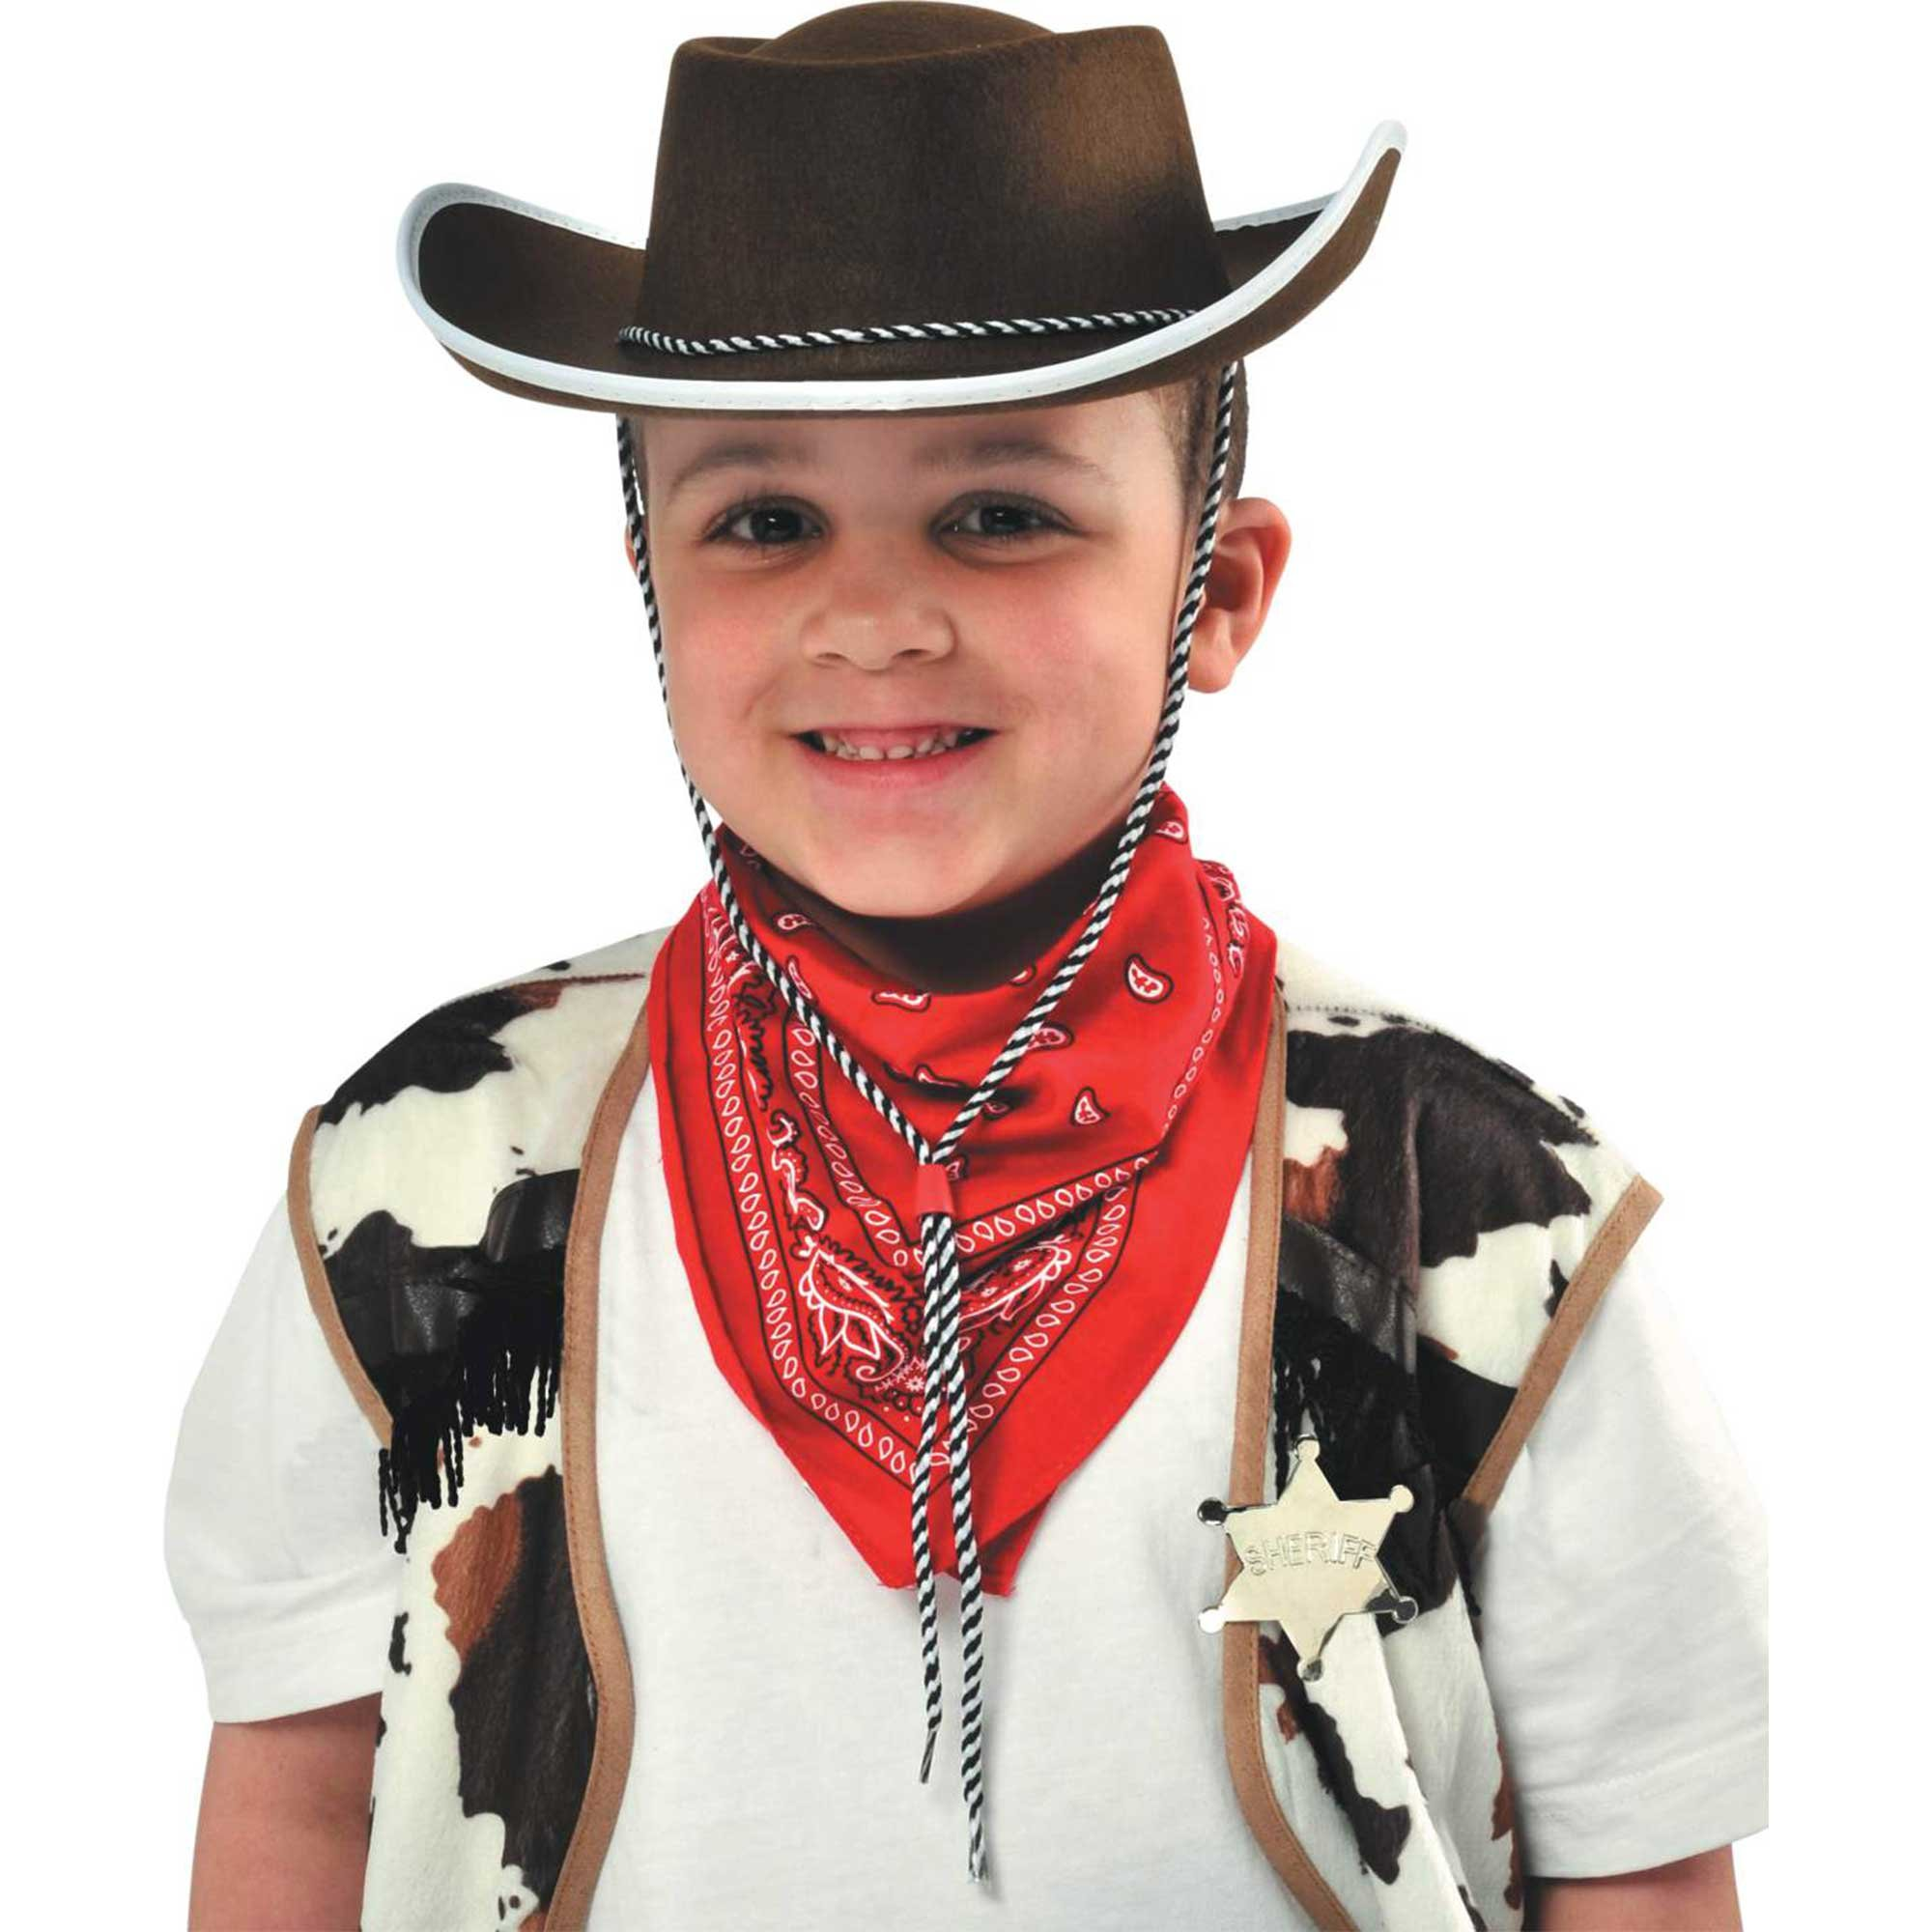 Cowboy Child Hat Brown